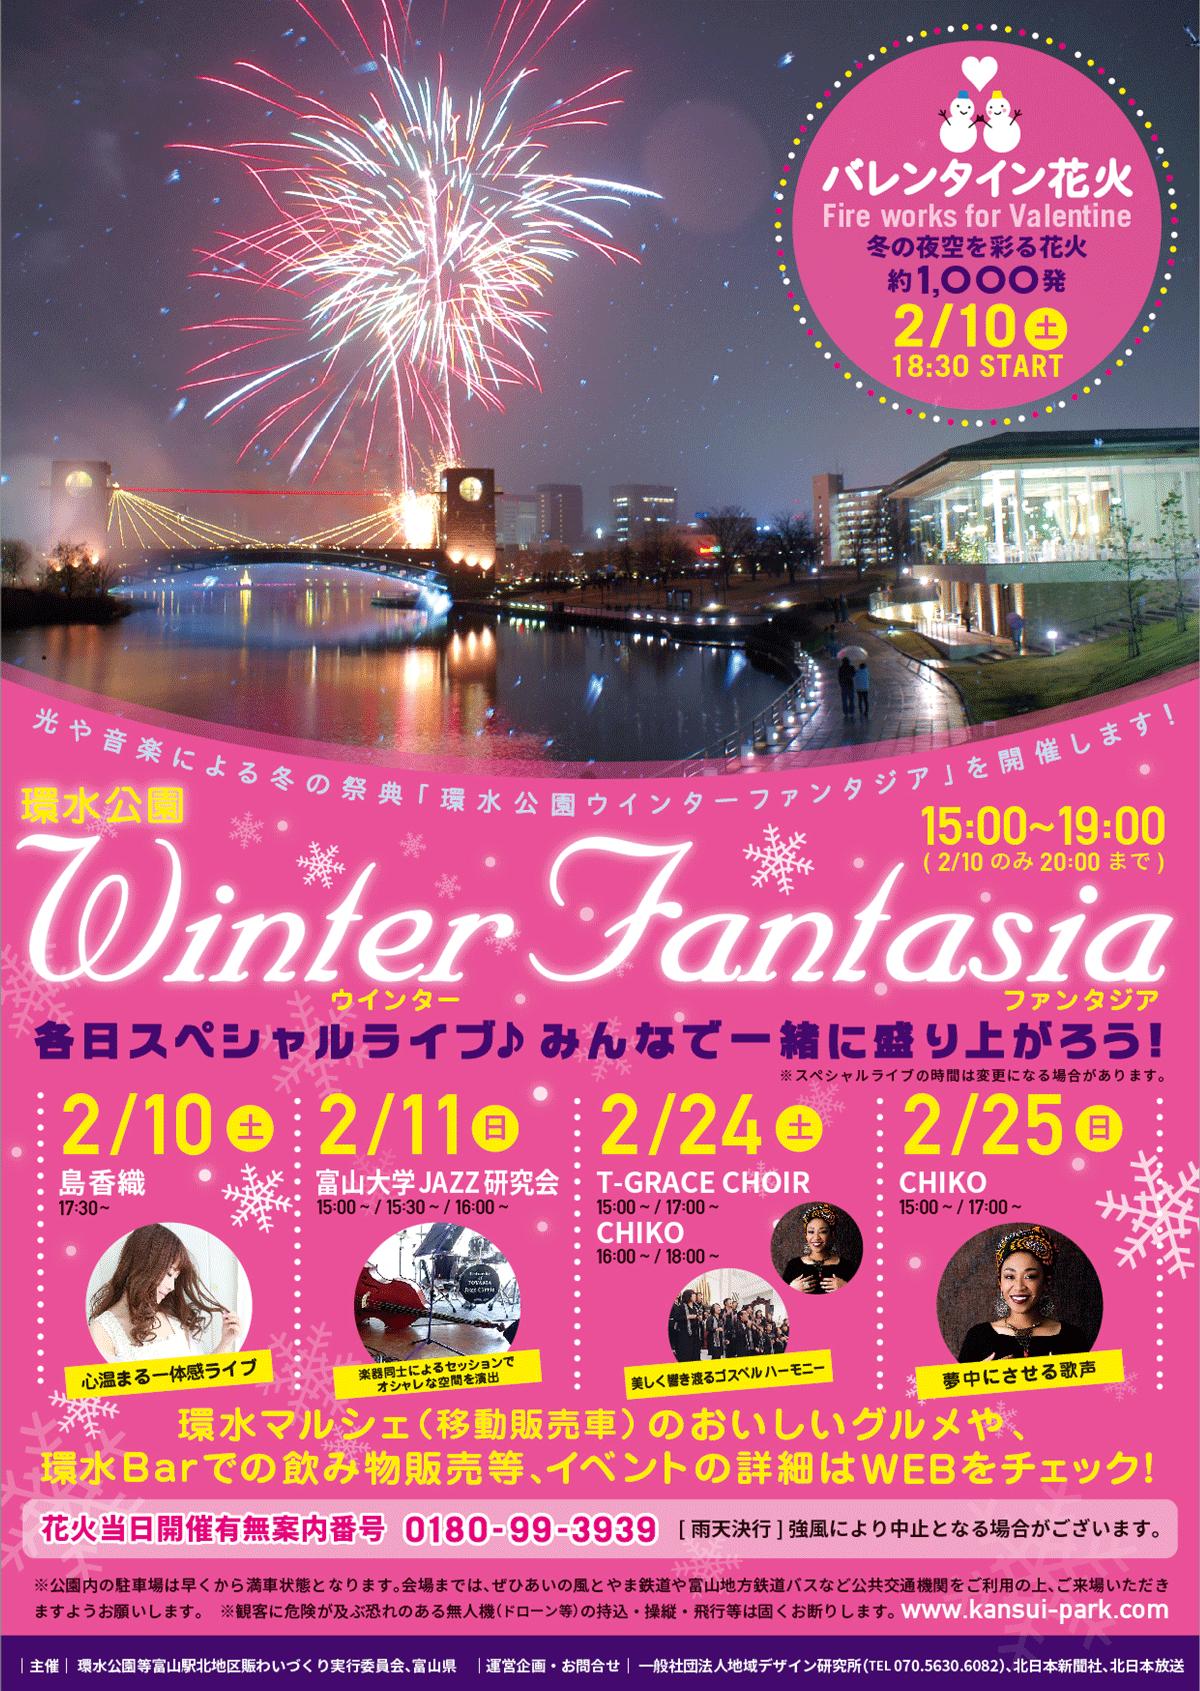 「環水公園Winter Fantasia2018」光と音と景色を楽しむ冬の夜!